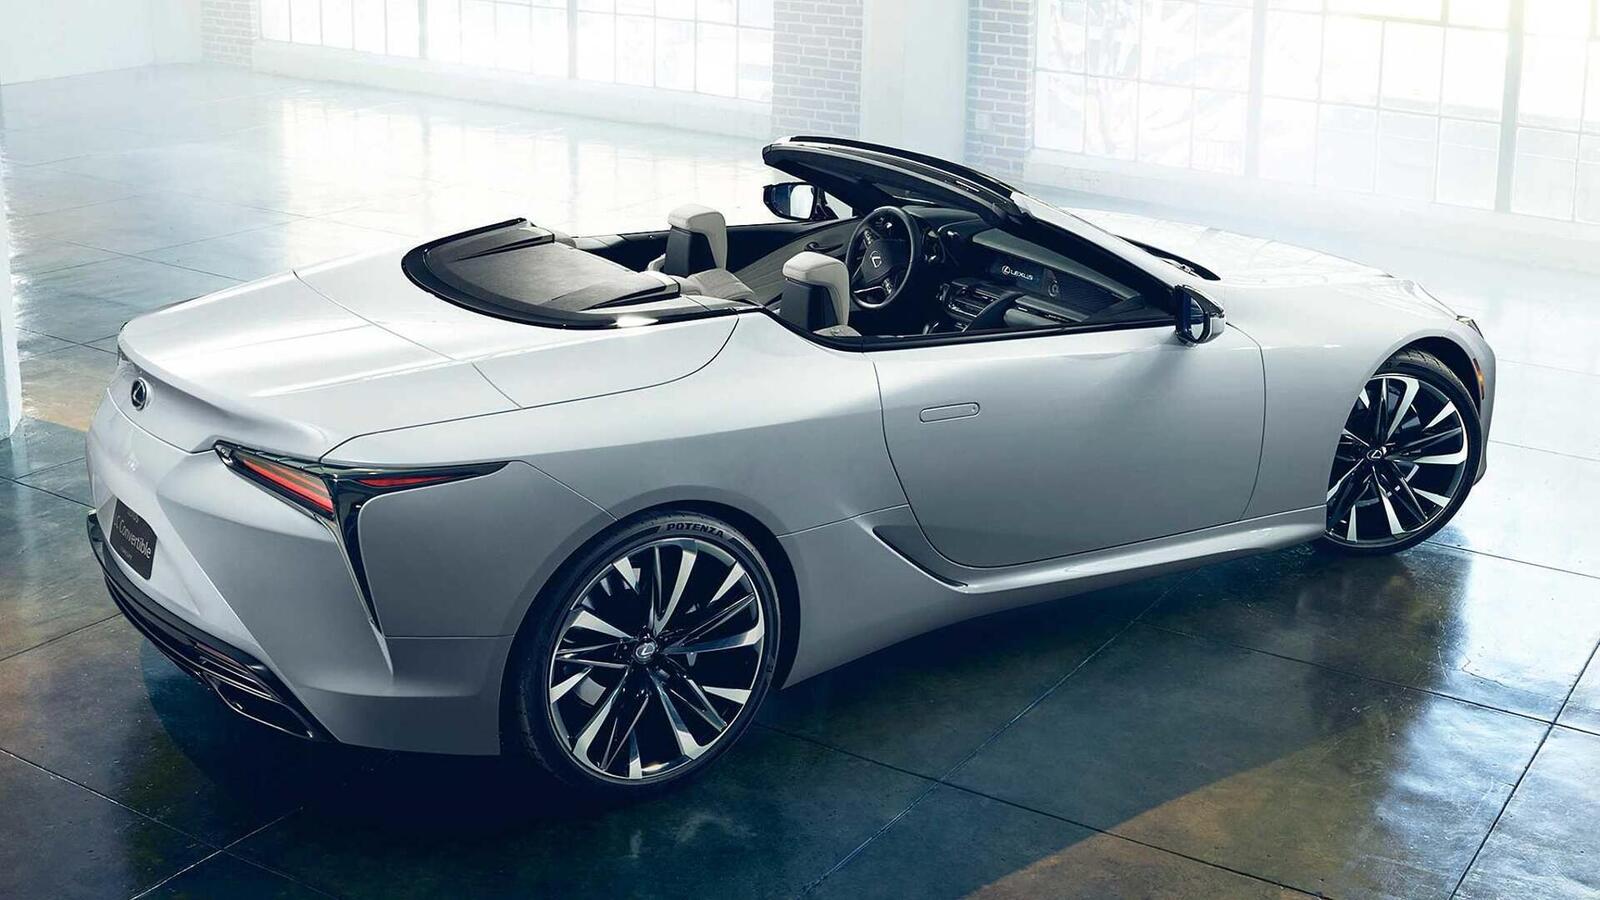 Lexus LC Convertible Concept 2020 sắp ra mắt tại Triển Lãm ô tô Quốc Tế Bắc Mỹ 2019 - Hình 7